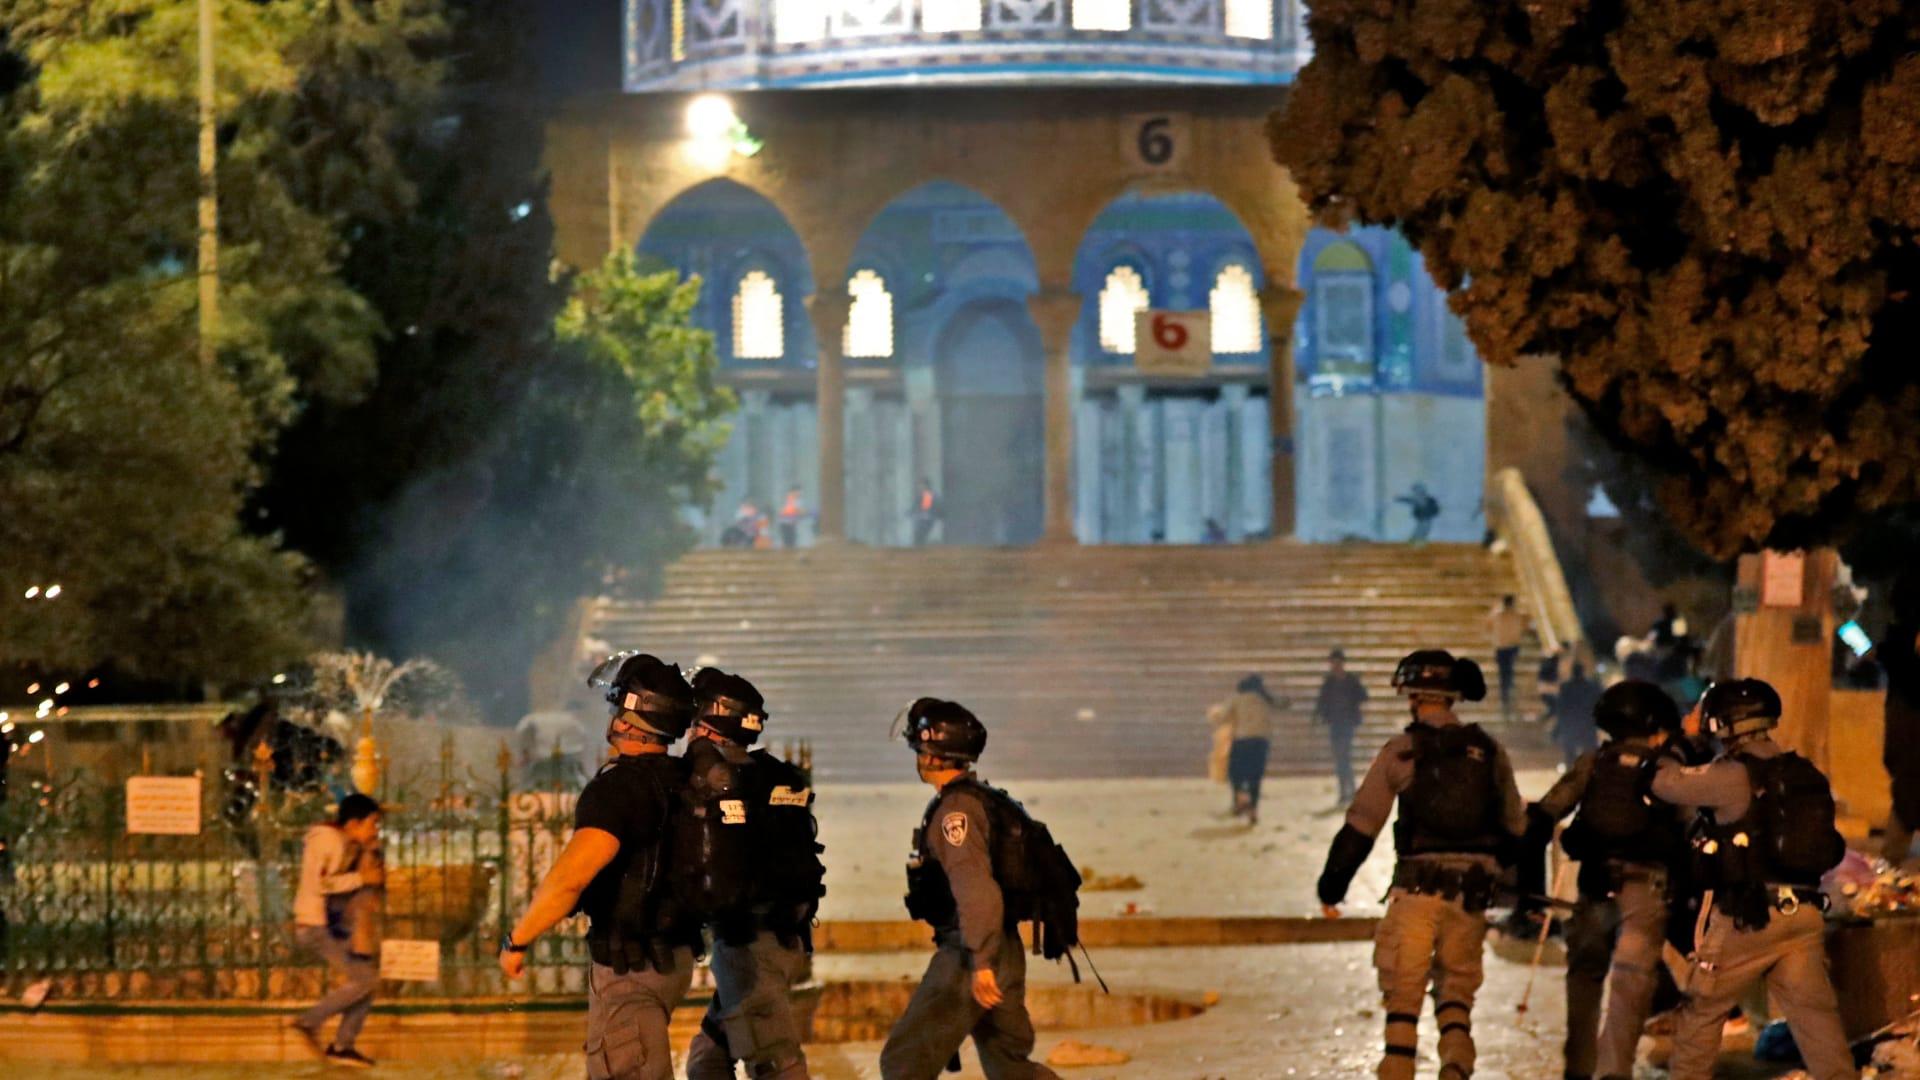 لحظة اقتحام قوات الأمن الإسرائيلية مصلى باب الرحمة في المسجد الأقصى